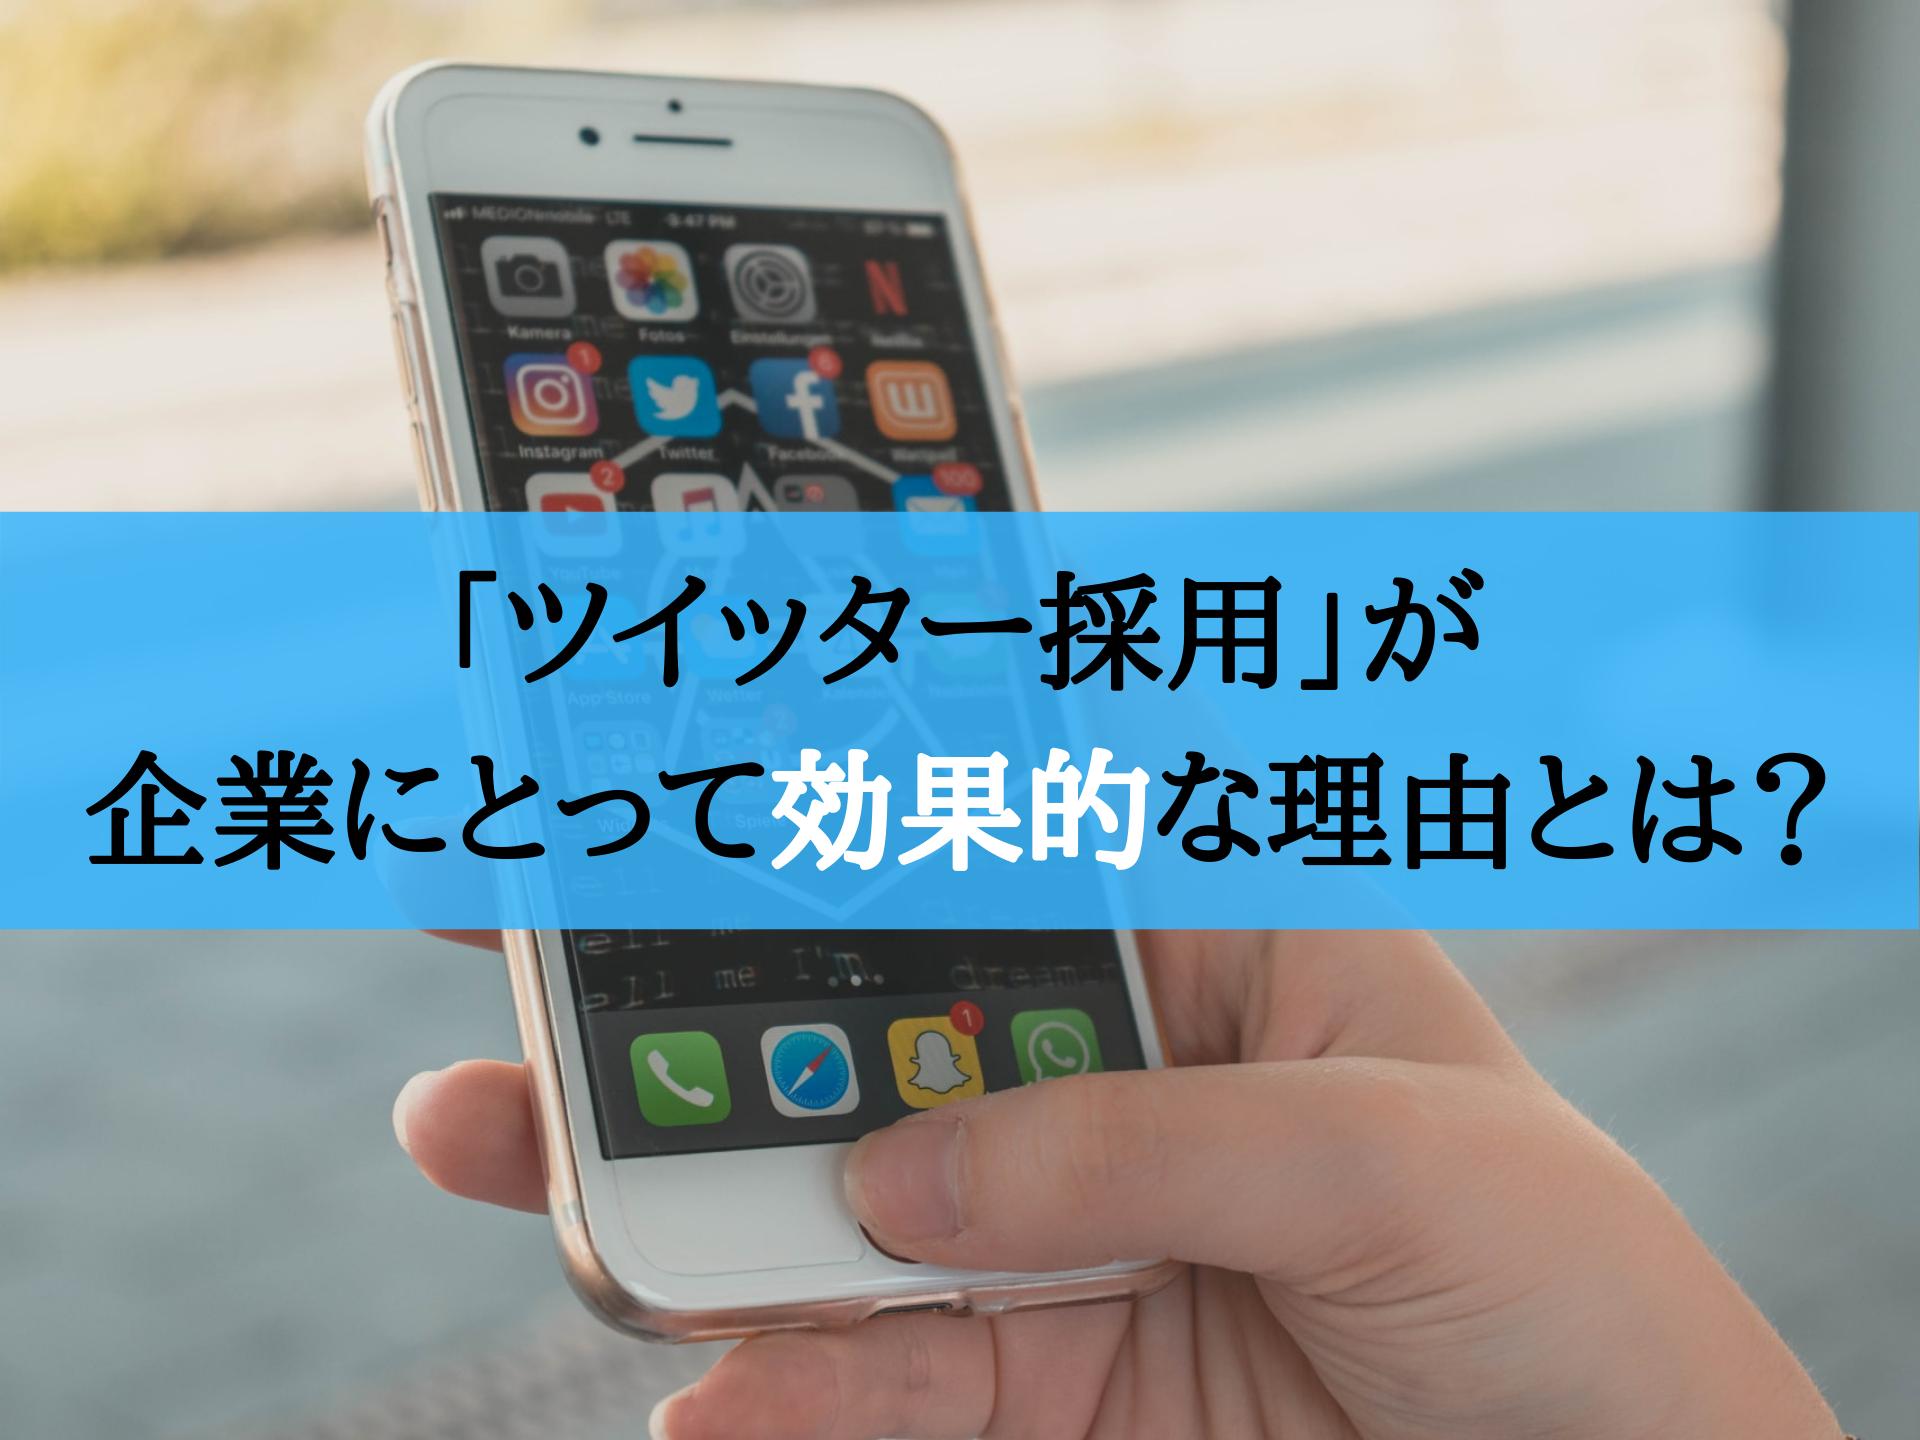 【採用担当必見!】Twitter(ツイッター)が活用活動に効果的な理由を解説!